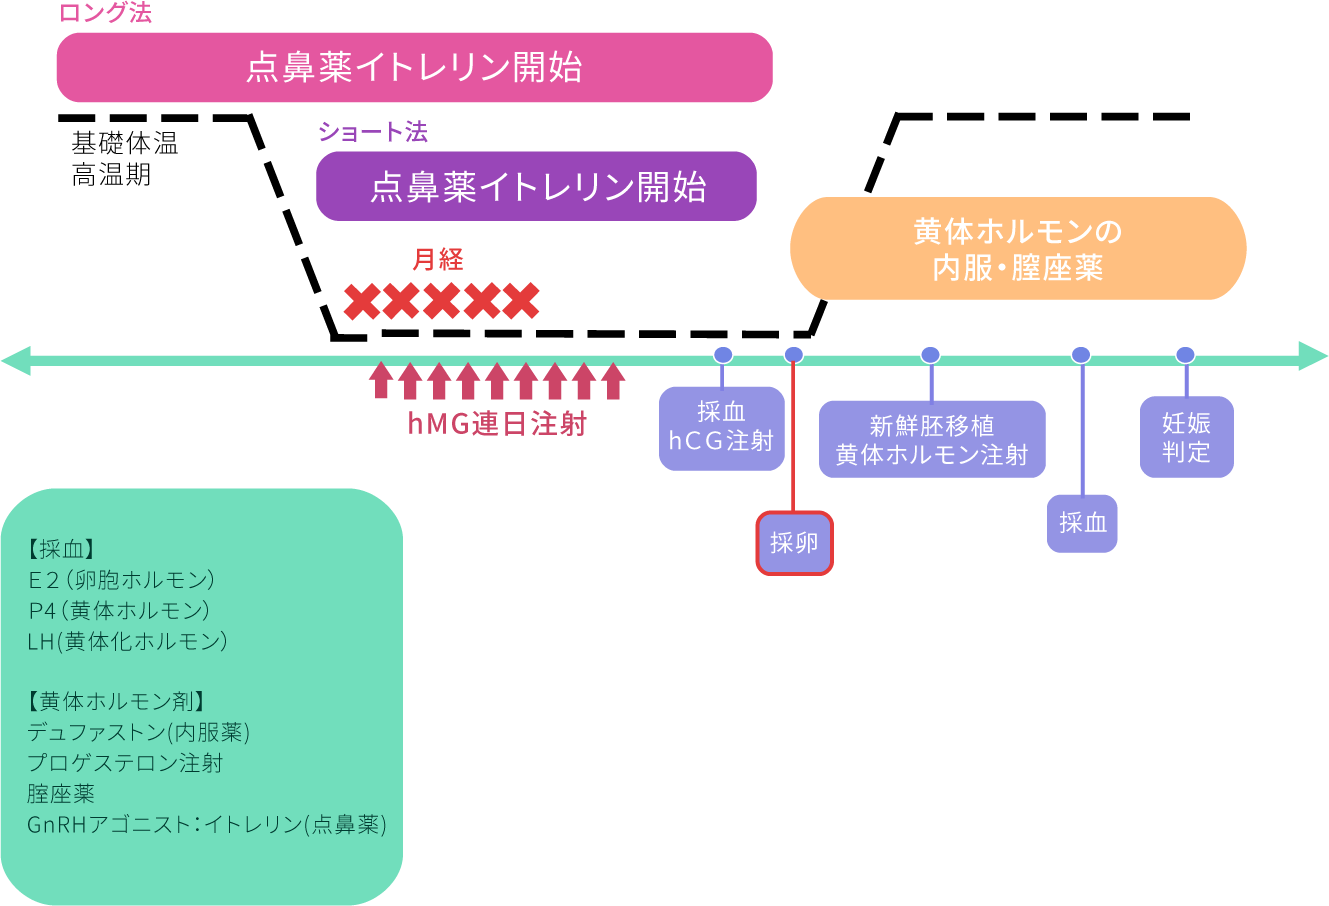 排卵誘発法~ロング・ショート法